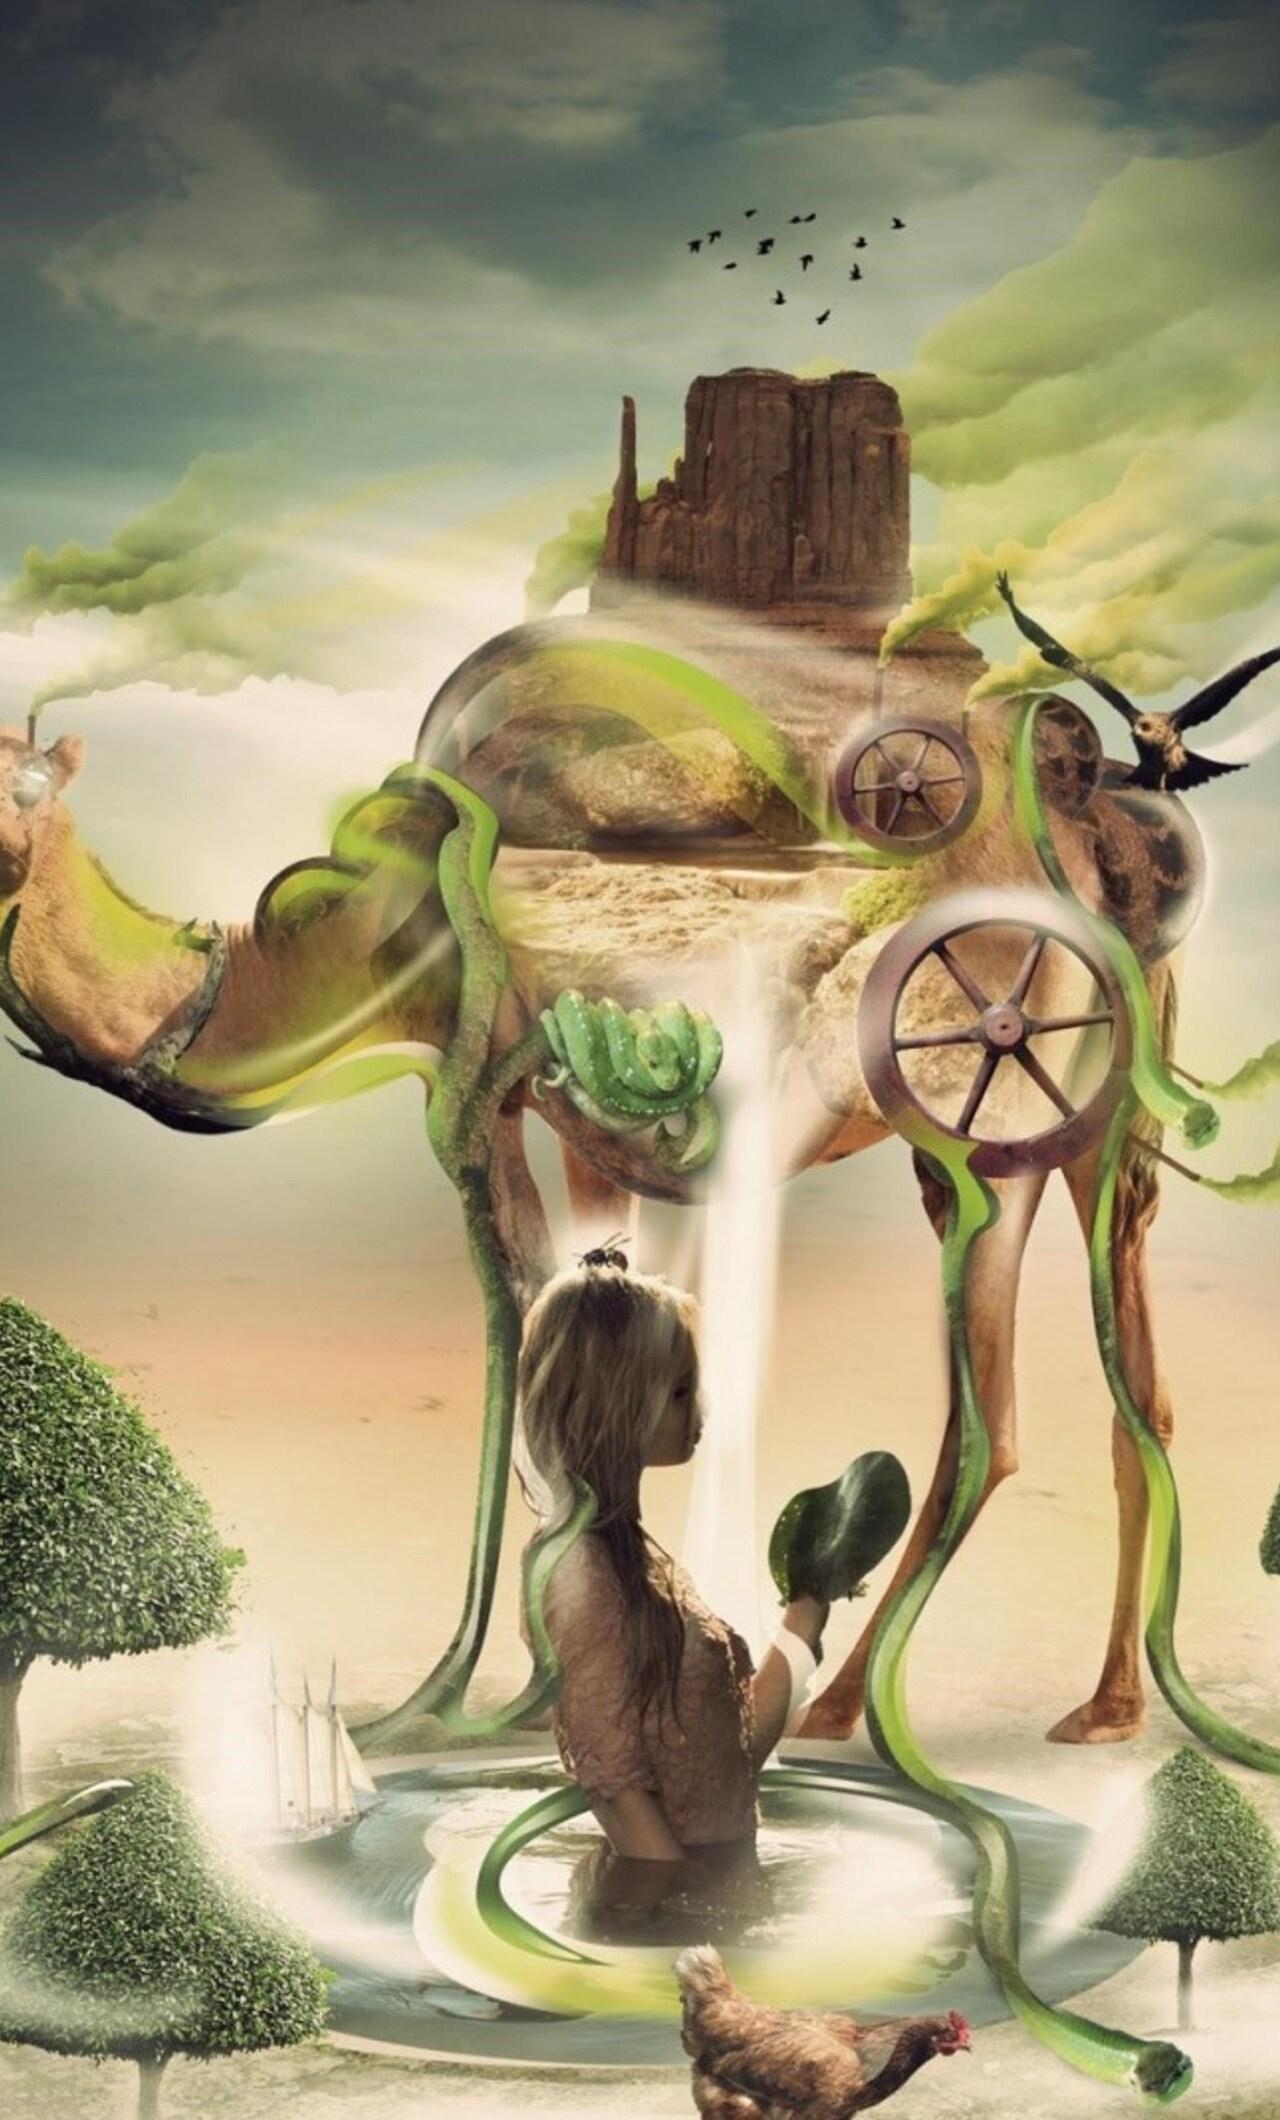 desert-creative-art.jpg